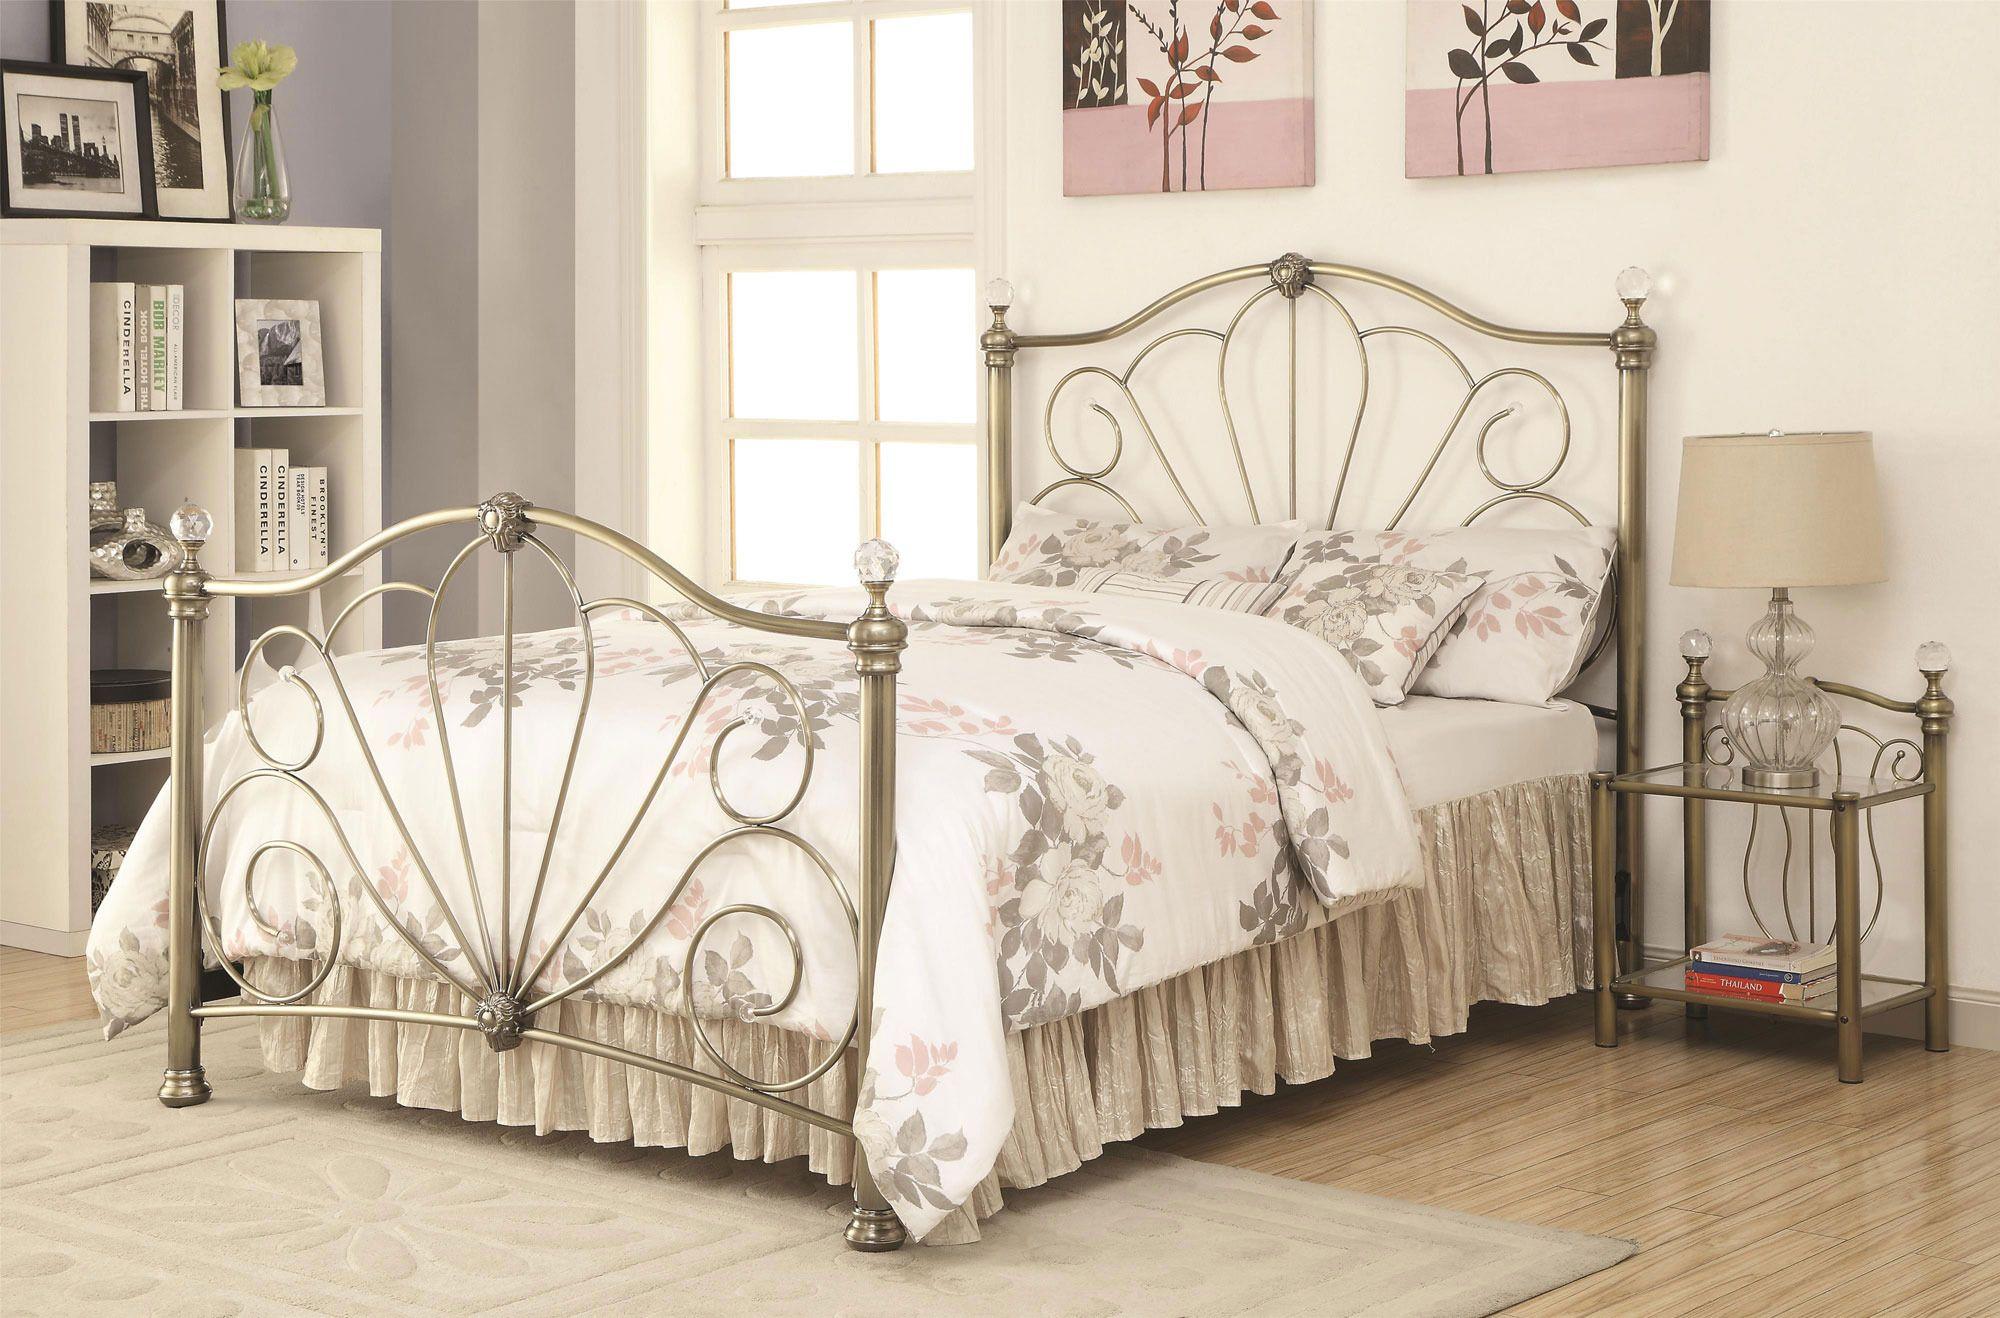 Lemoore Queen Metal Bed w/ Crystal Posts Fine bedroom